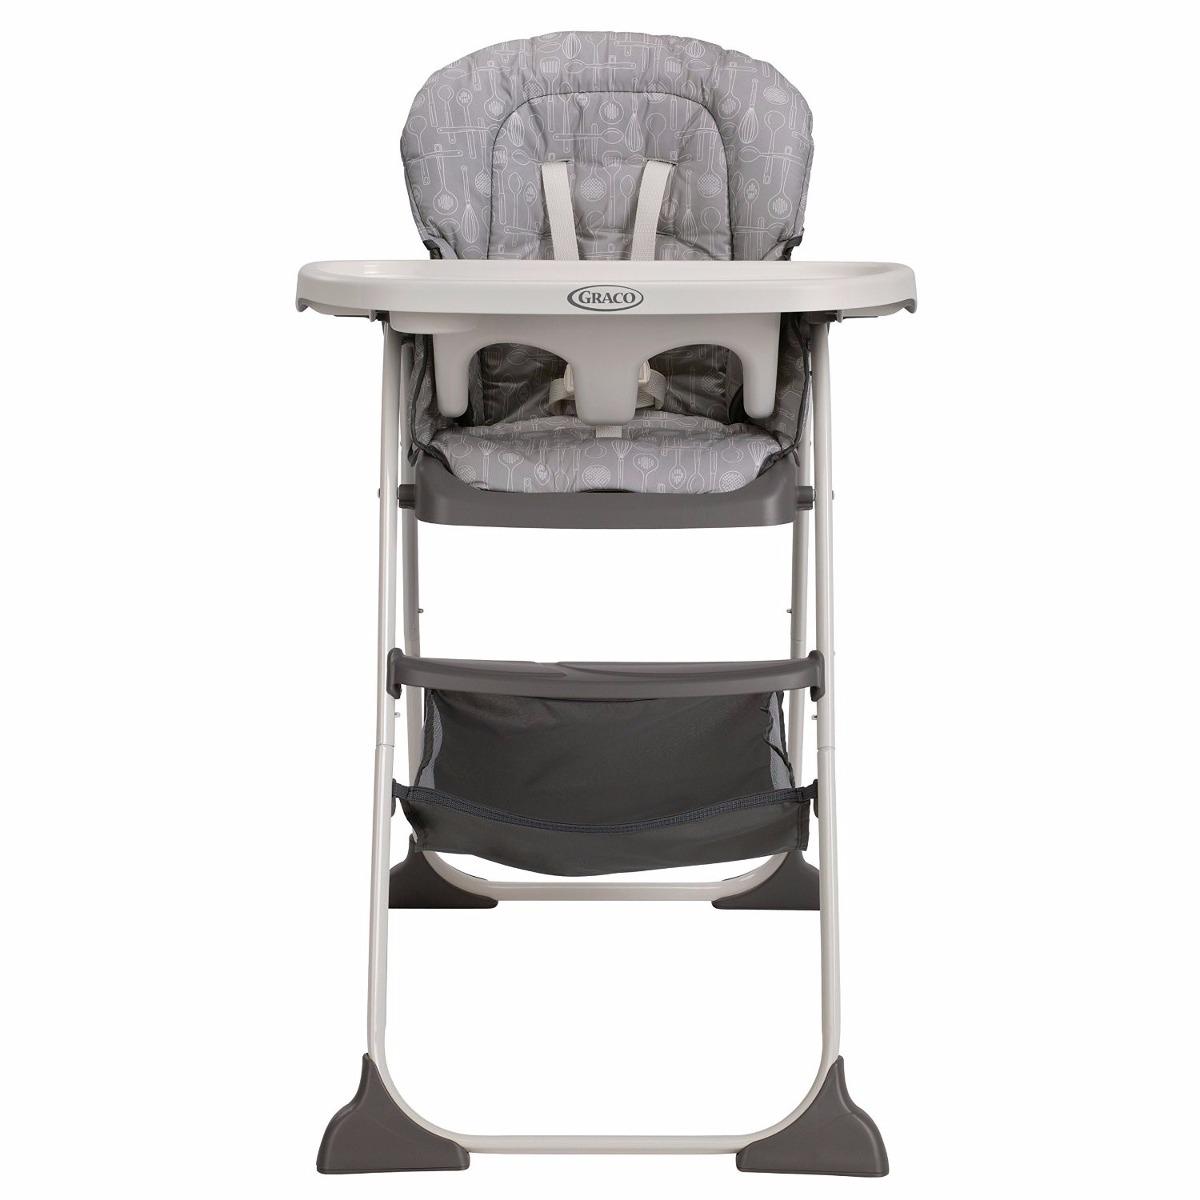 Periquera reclinable silla alta sillita comer bebe graco for Silla mecedora graco 6 velocidades